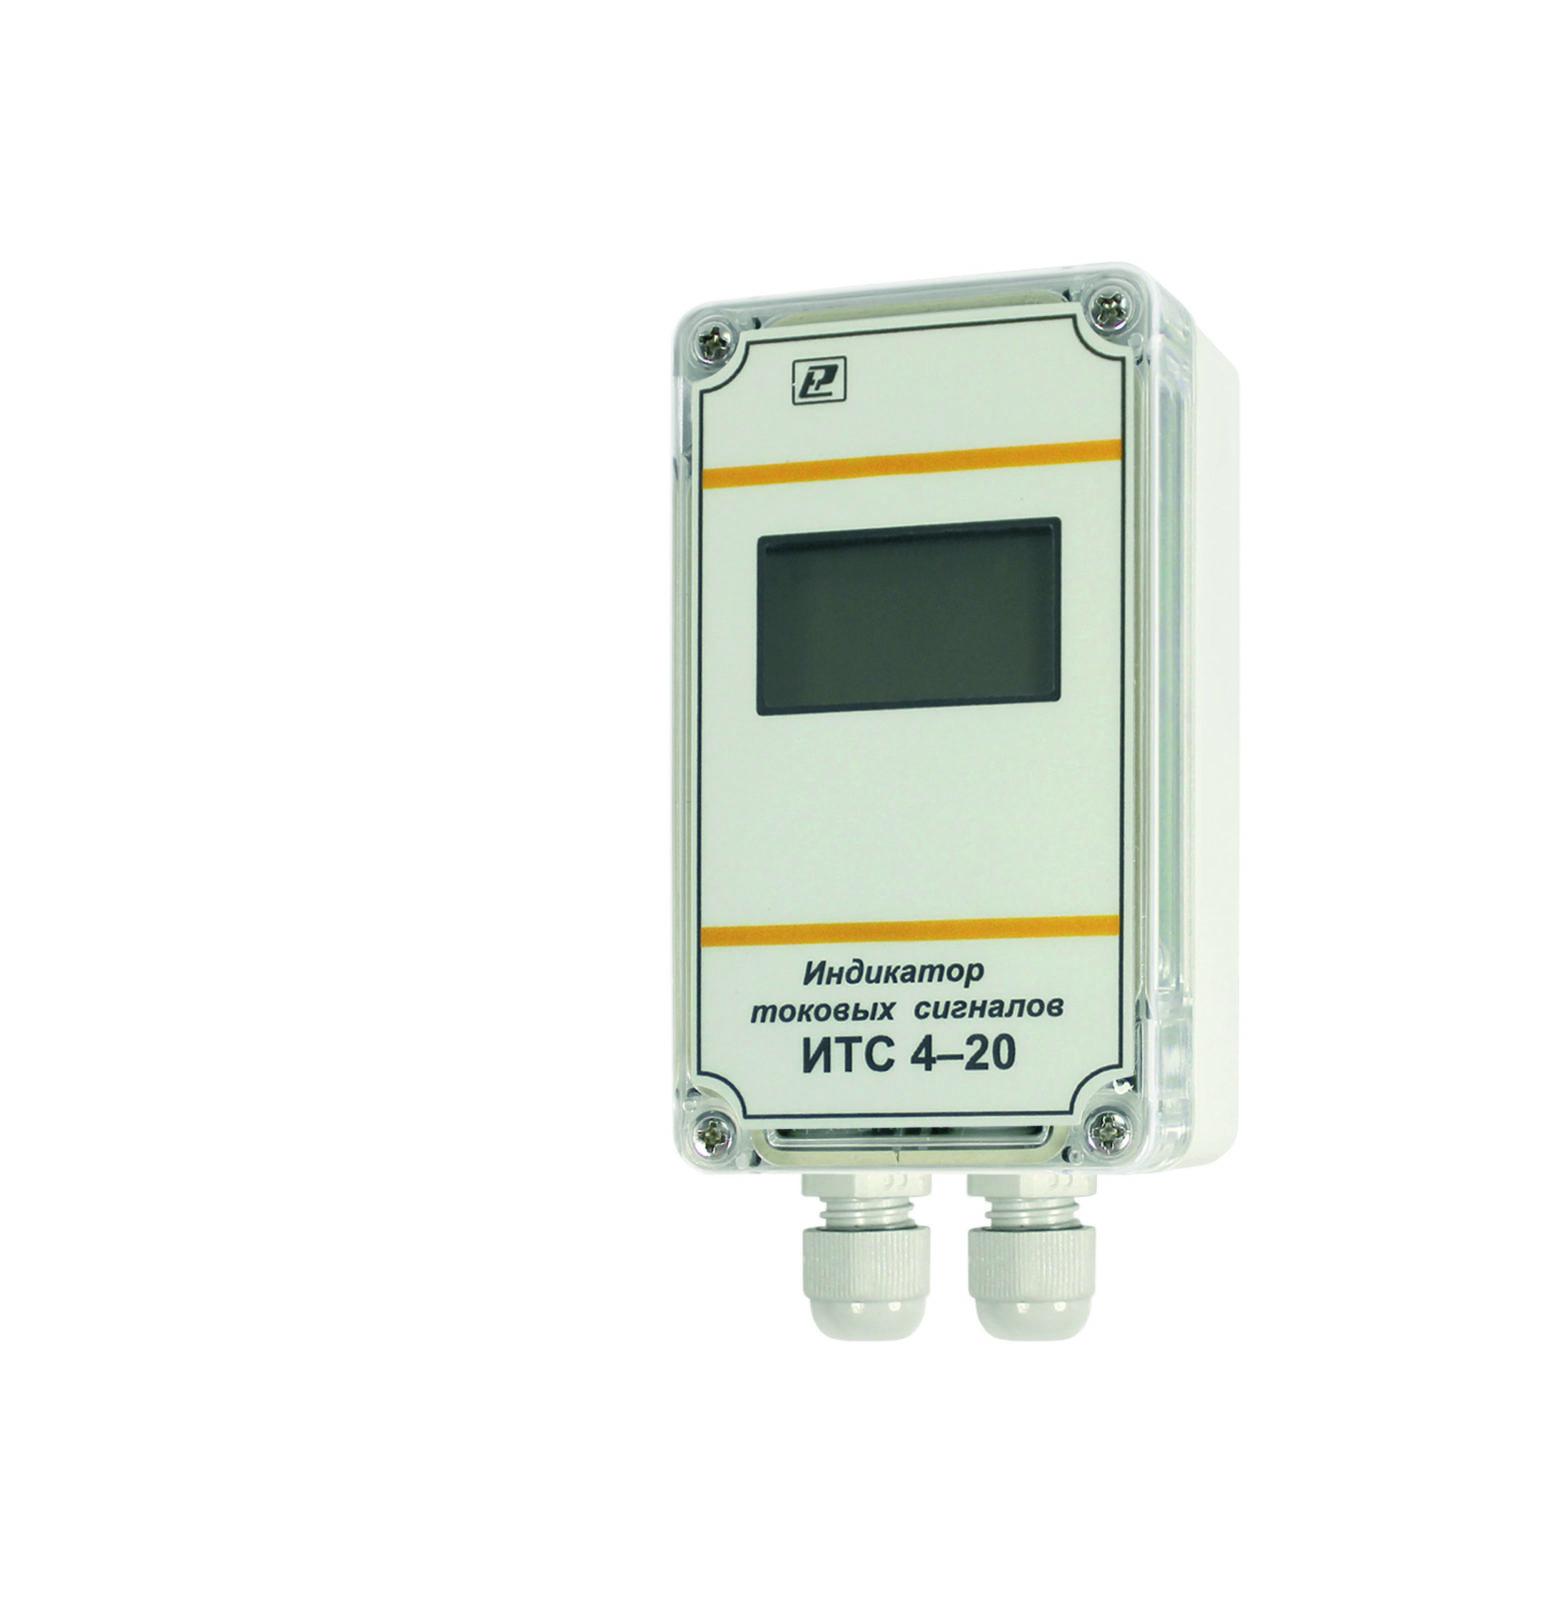 Индикатор сигналов тока ИТС 4-20 для датчиков с токовым выходом 4-20 мА